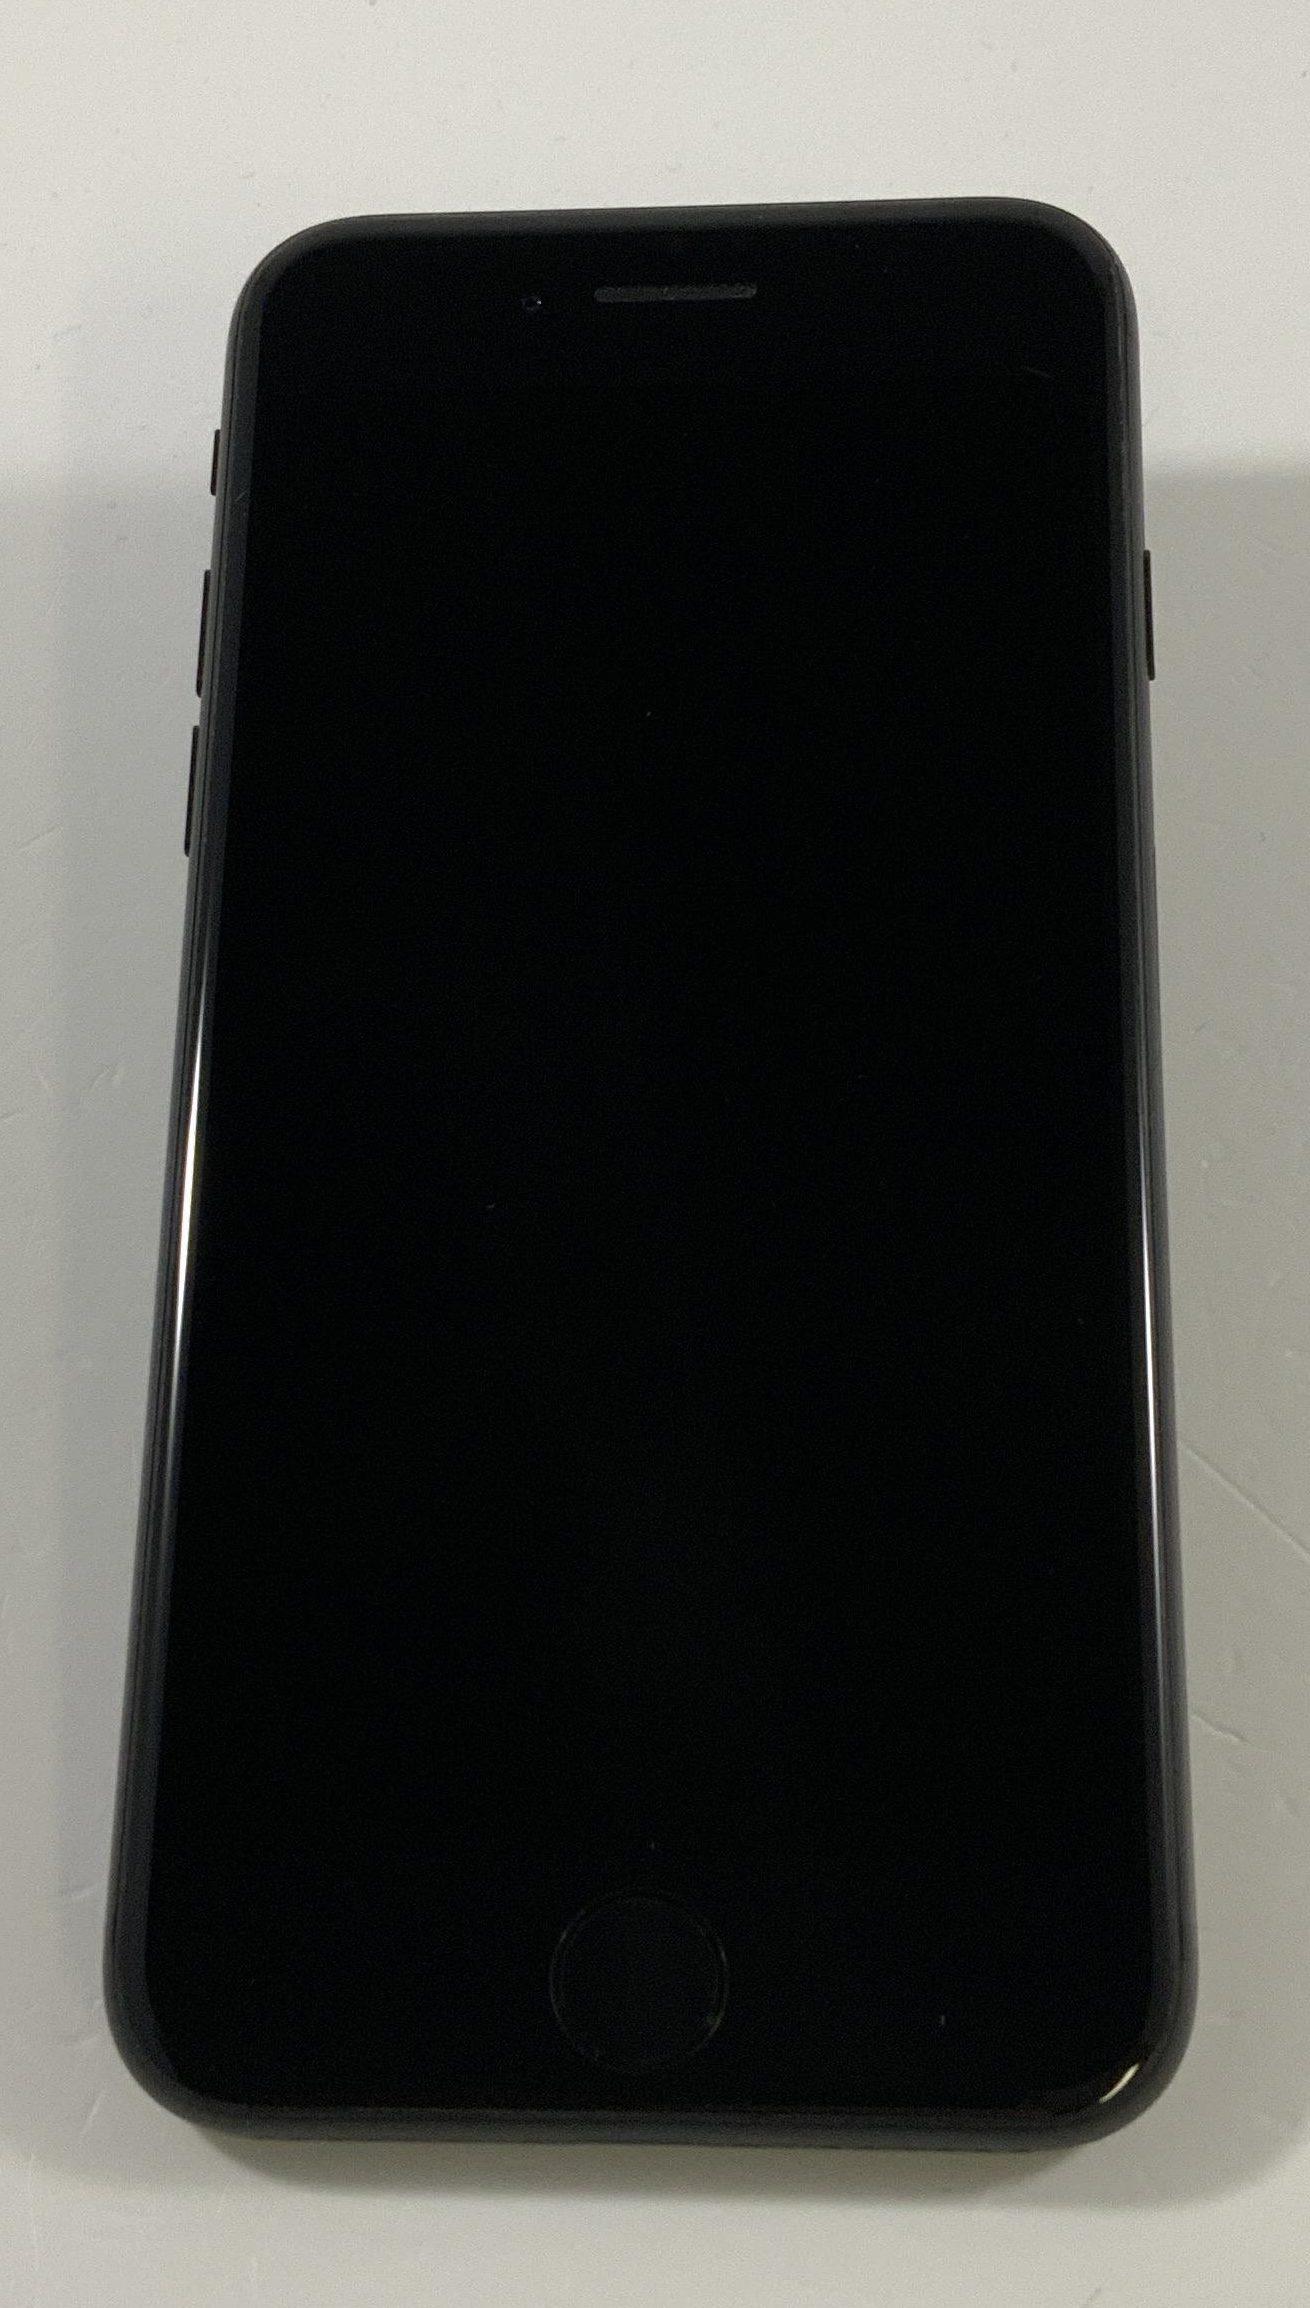 iPhone 7 32GB, 32GB, Black, obraz 1